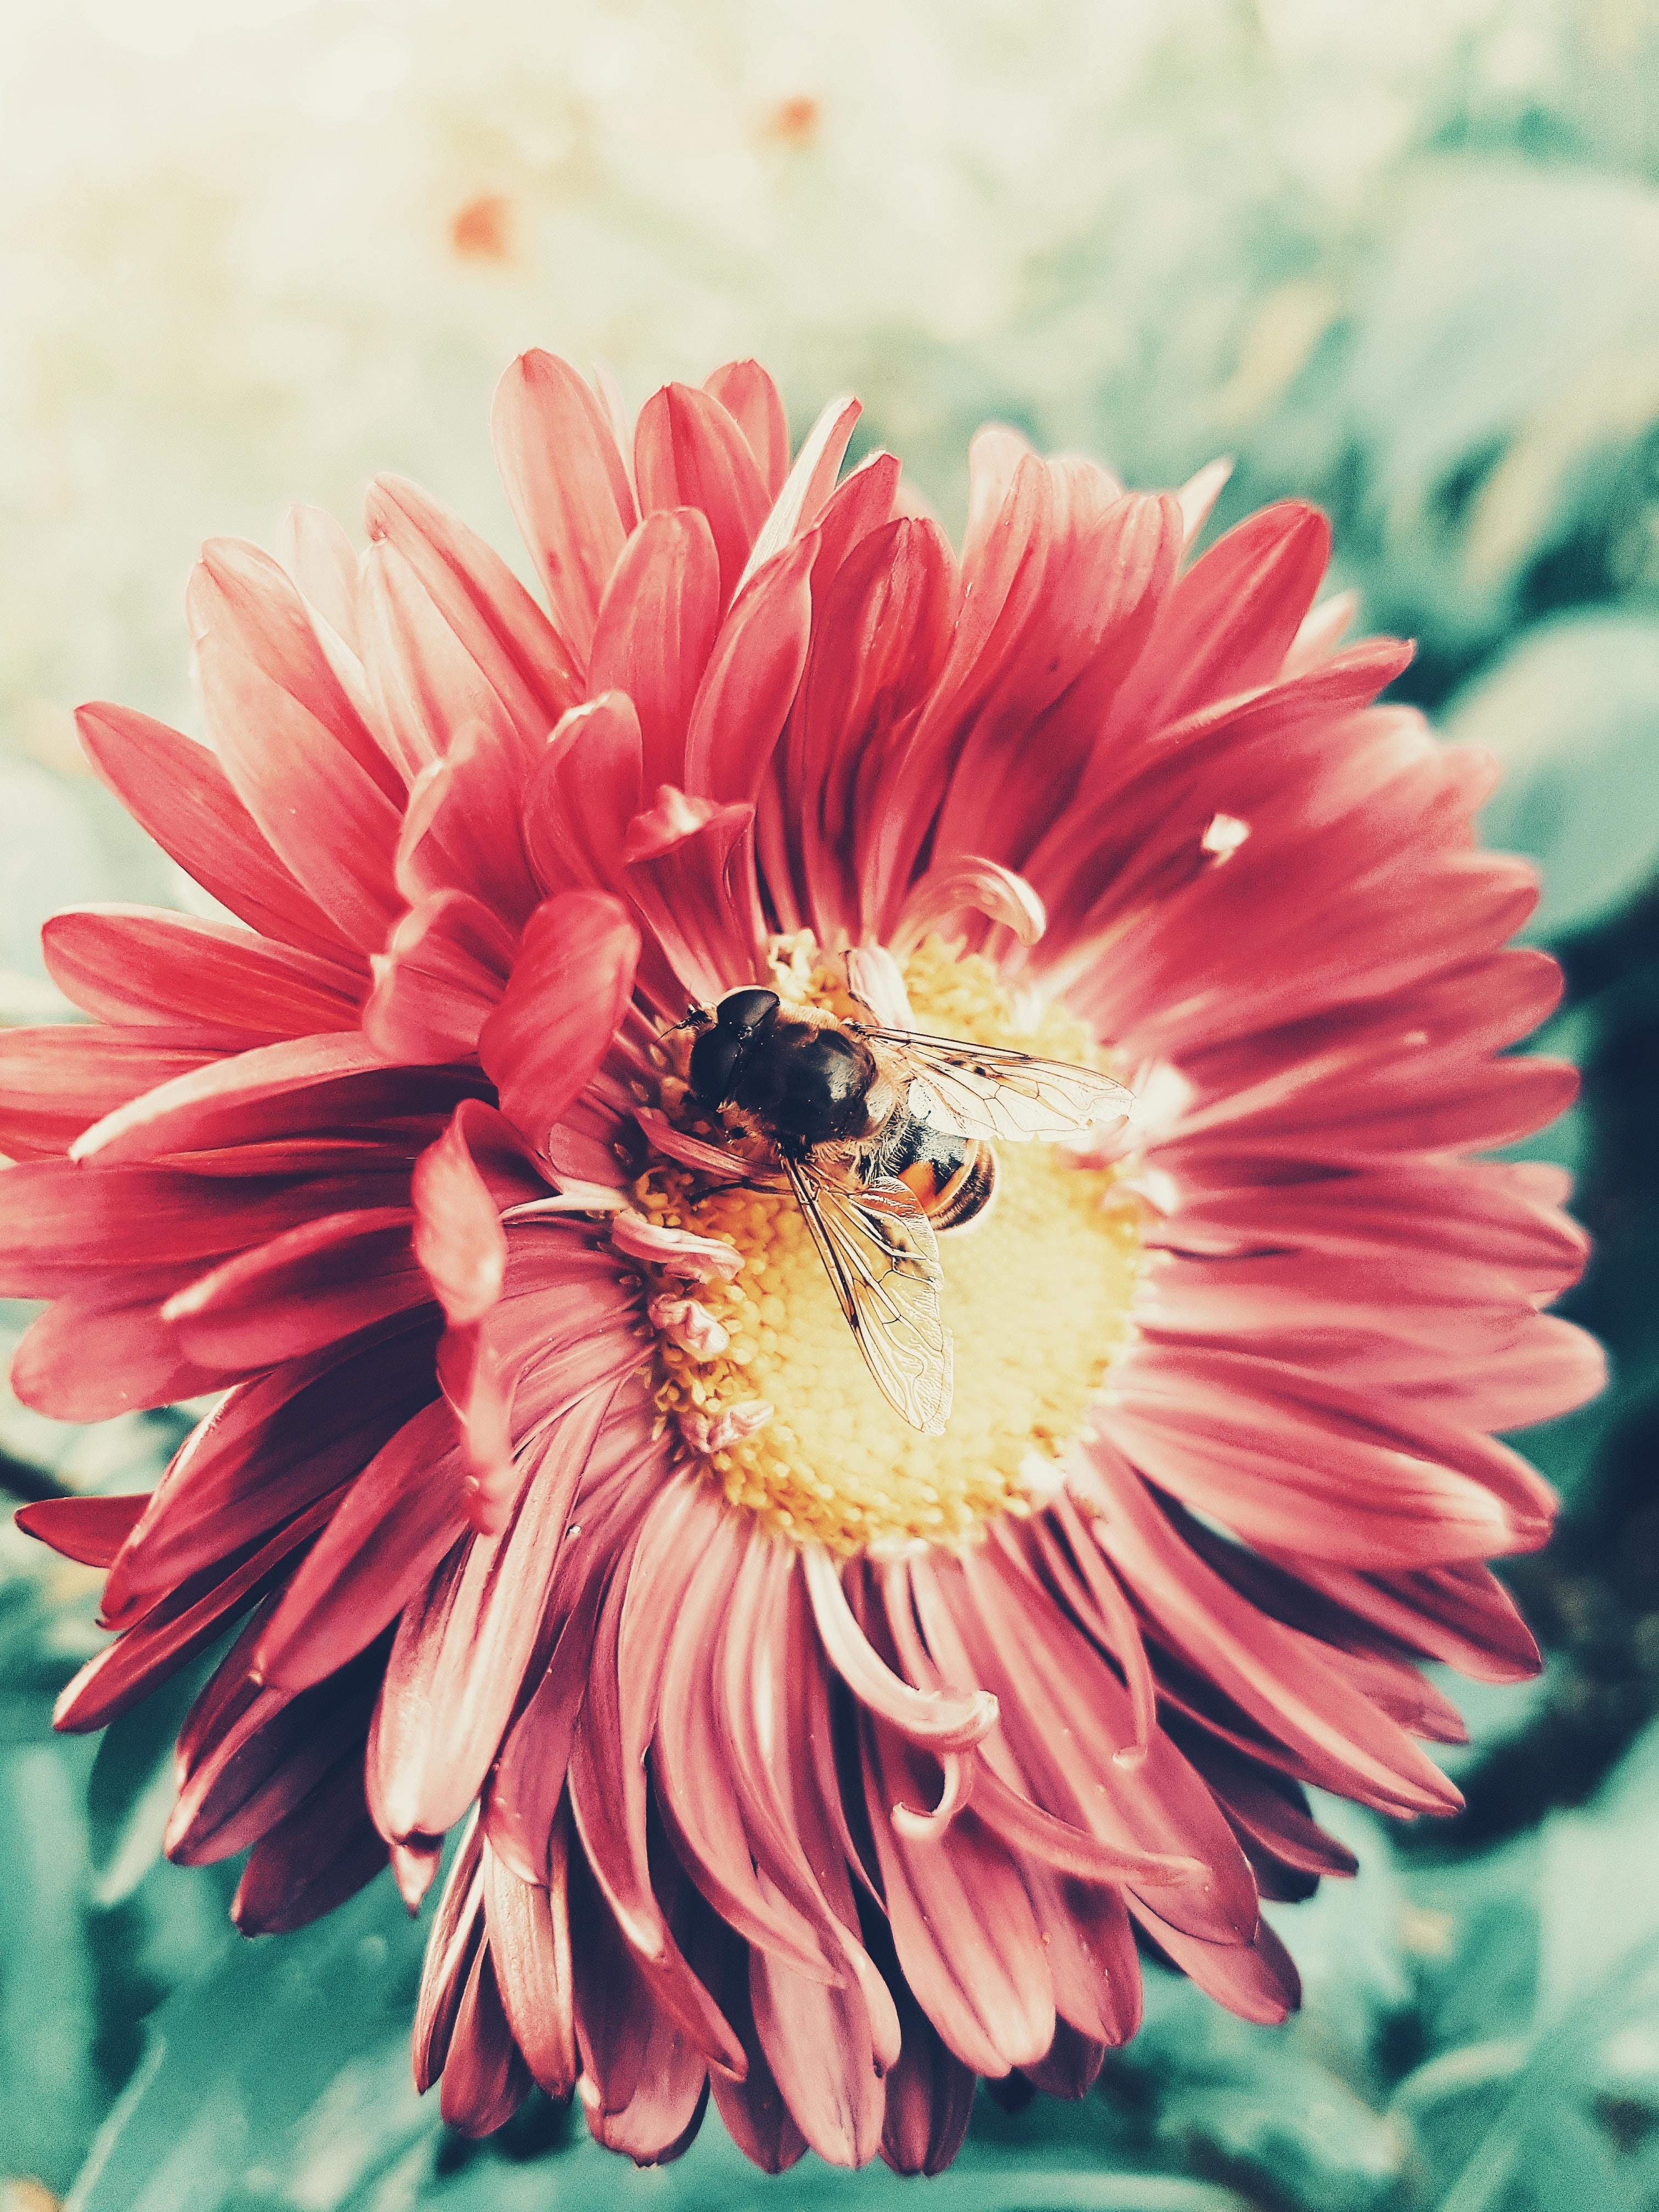 手機的102687屏保和壁紙昆虫。 免費下載 宏, 蜜蜂, 花, 花卉, 授粉, 昆虫, 花瓣 圖片